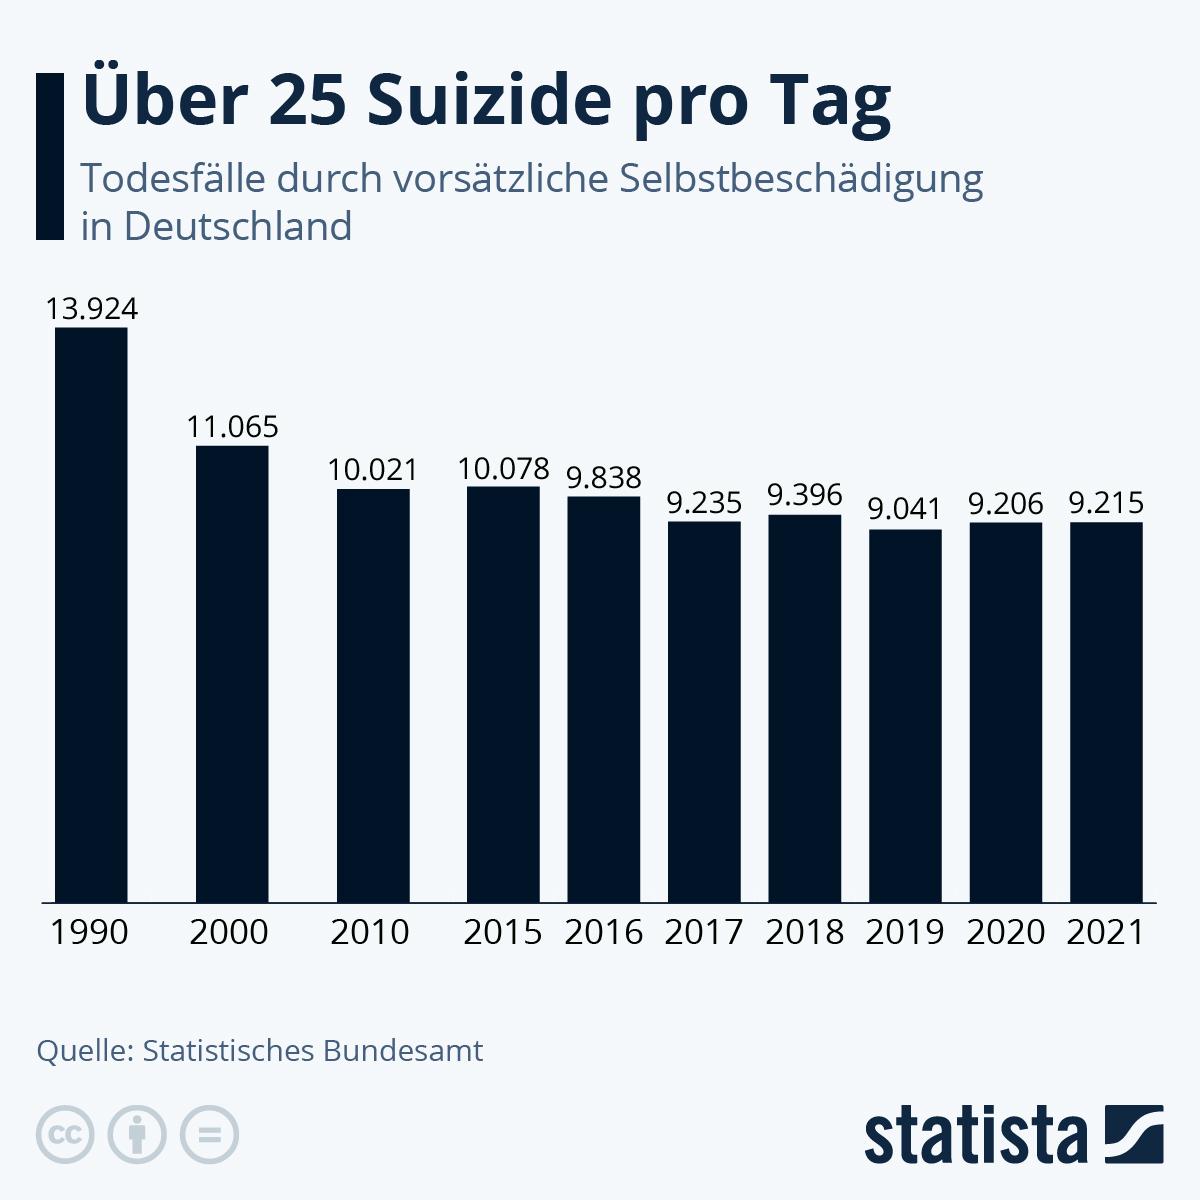 Infografik: Vorläufige Daten zeigen für 2020 kaum Veränderung bei Suiziden | Statista